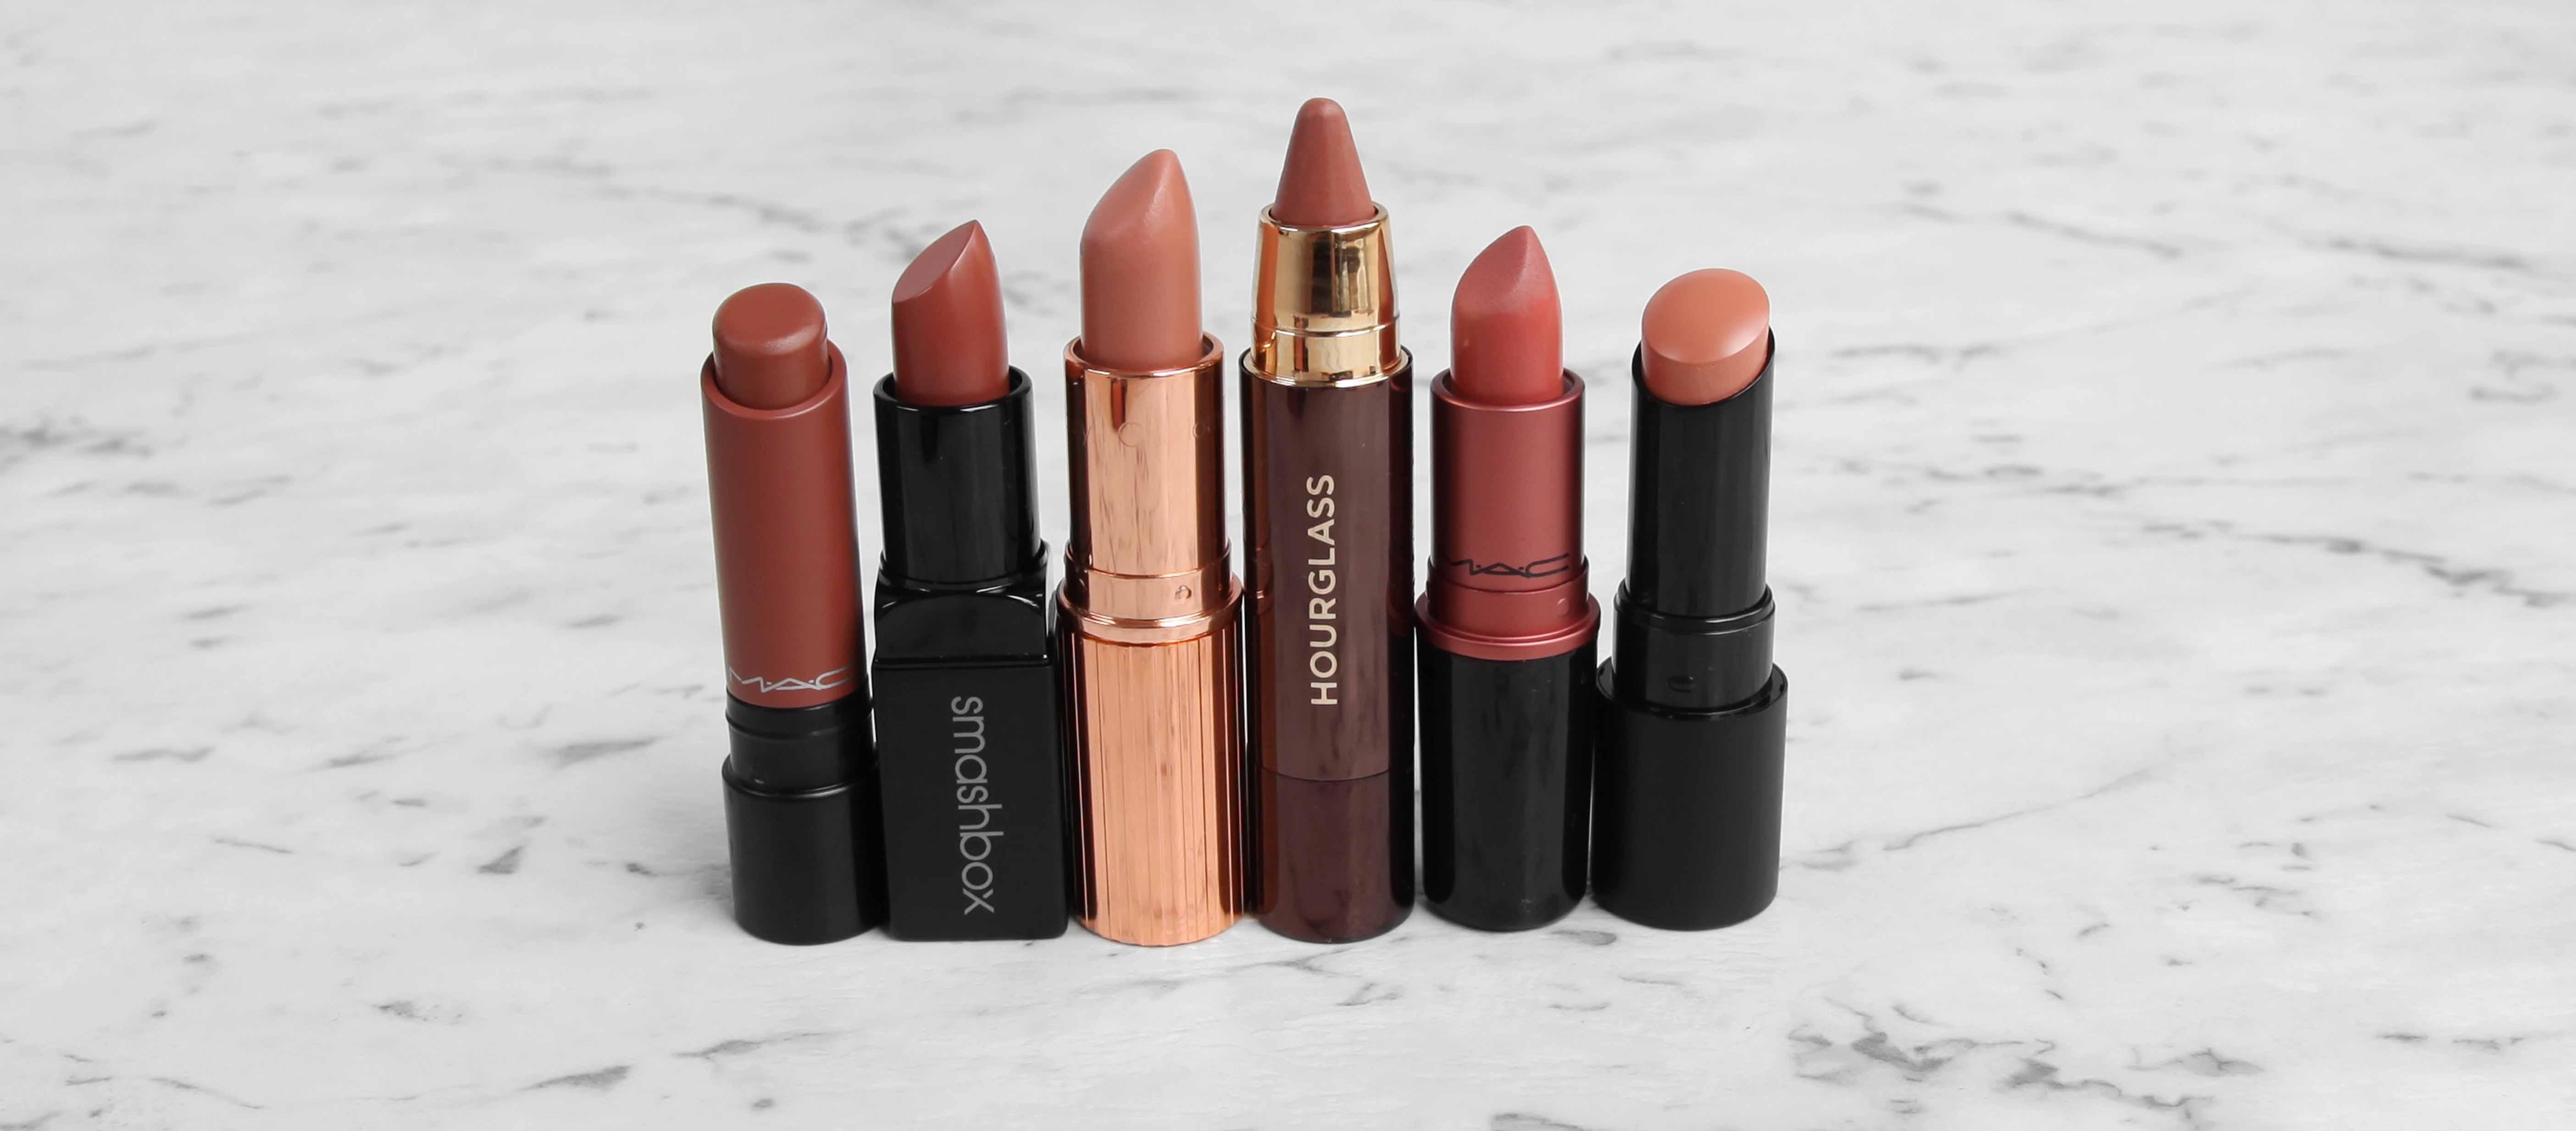 Top 6 Nude Lipsticks - design by aikonik 2